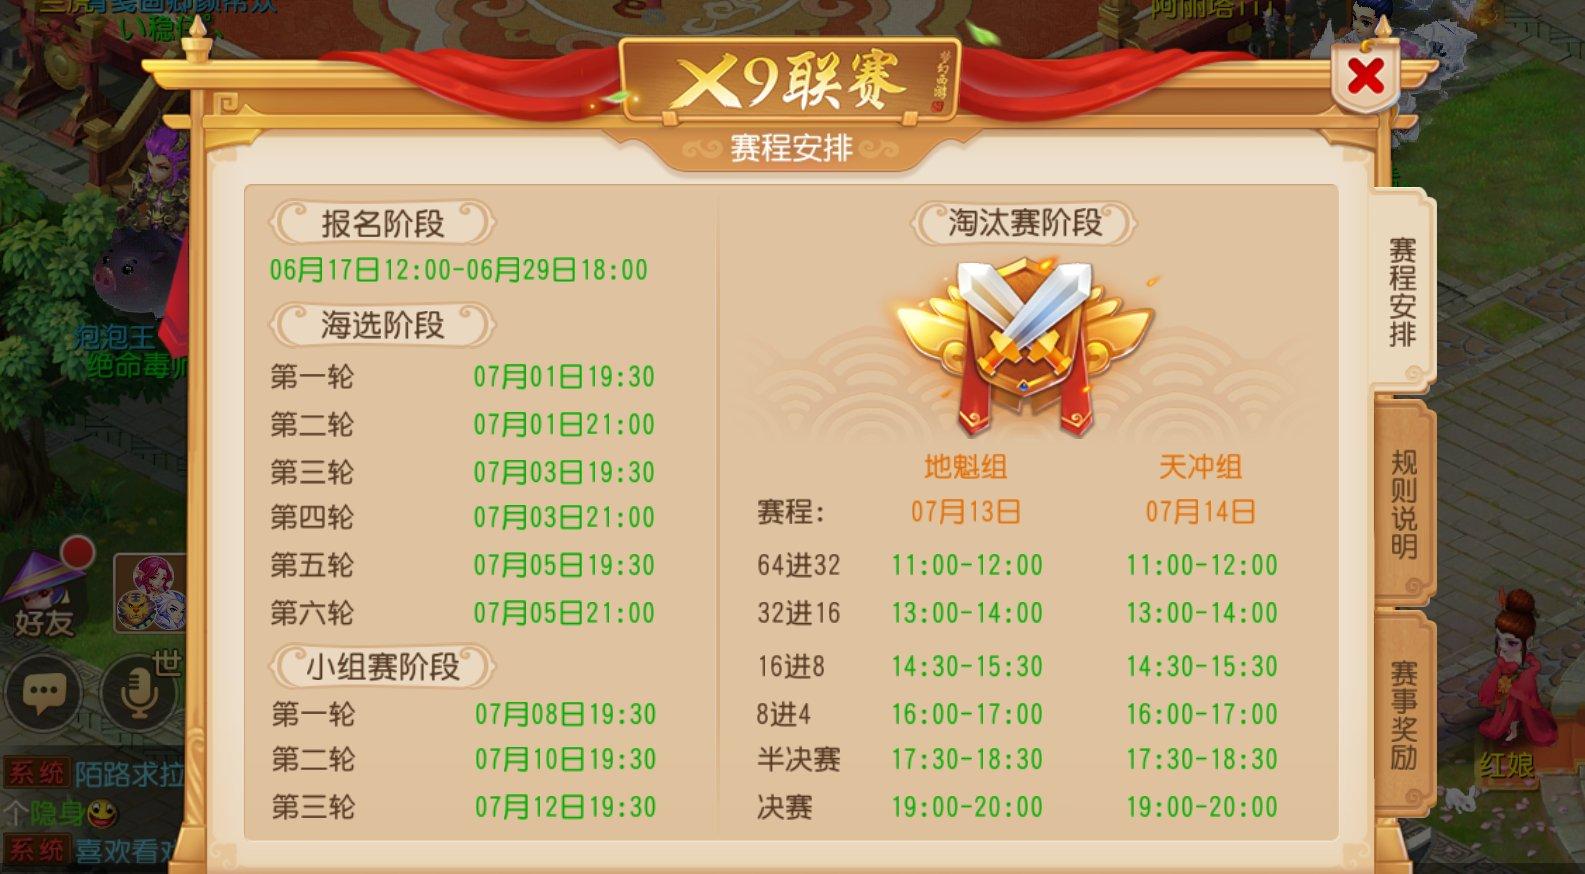 盛夏狂欢,《梦幻西游》手游第十一届X9联赛今日开赛图片3